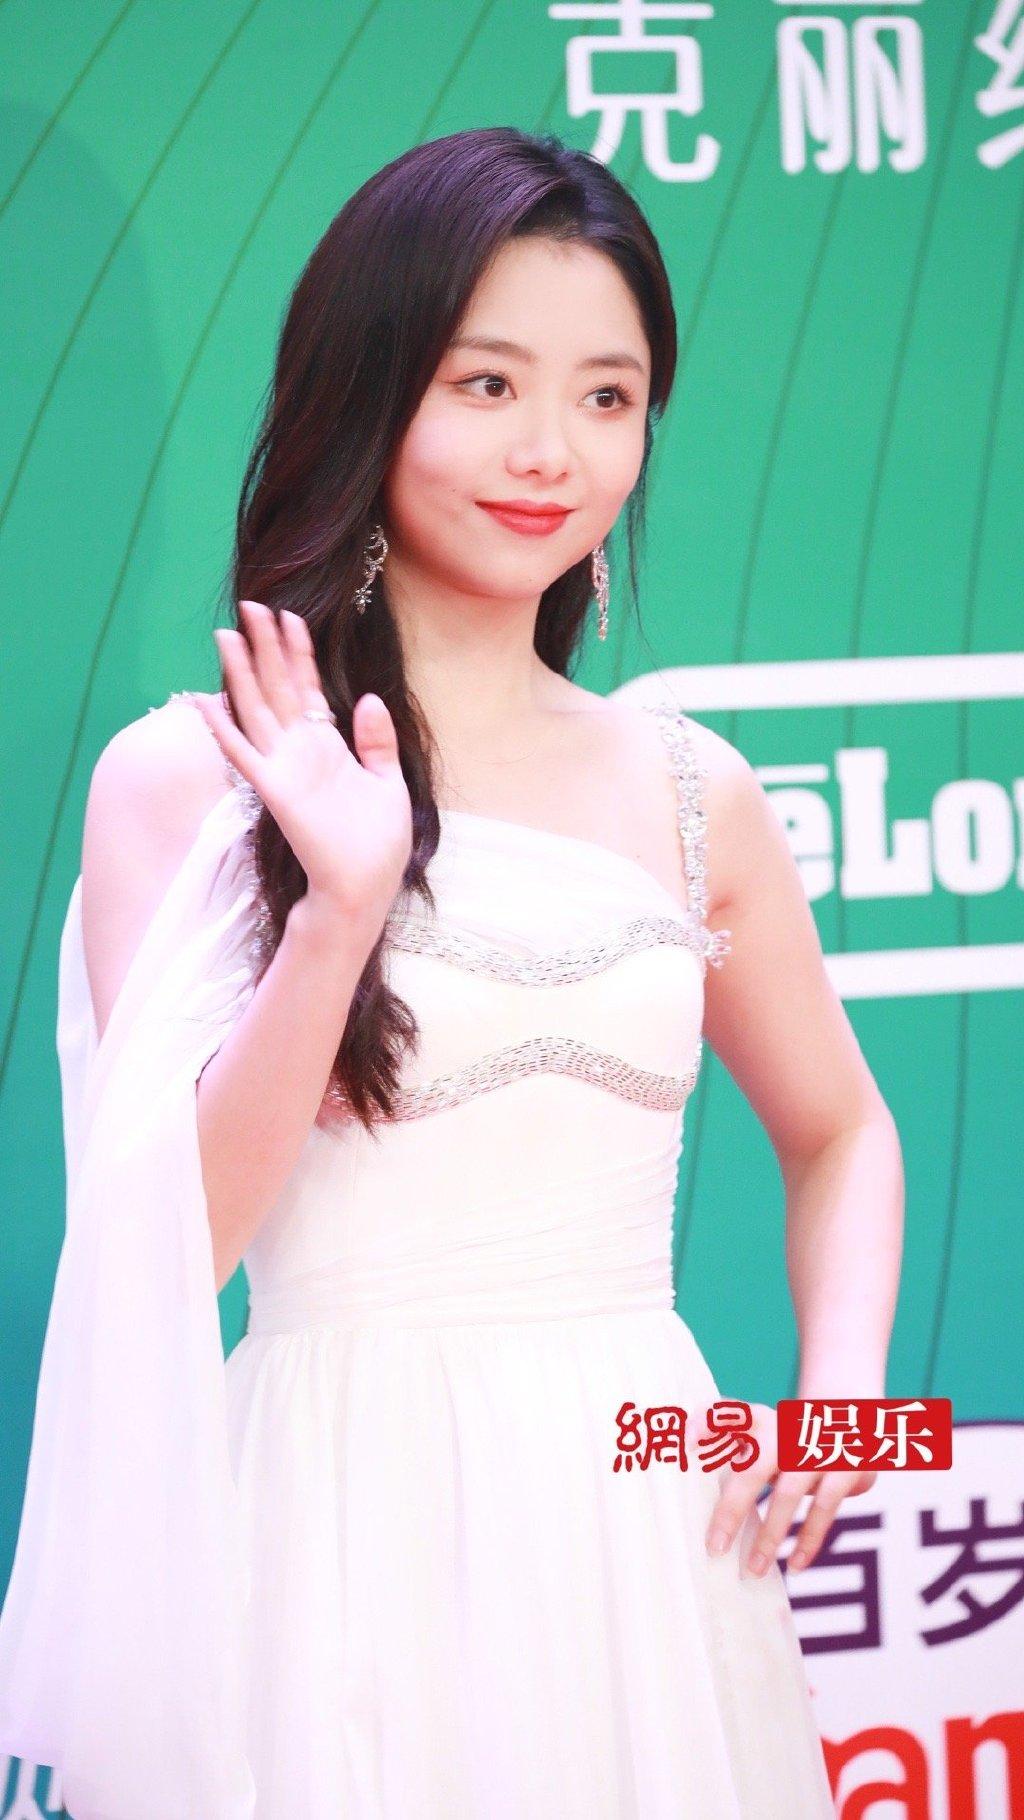 Đàm Tùng Vận đẹp ngọt ngào như thiếu nữ 20. Nữ diễn viên được đề cử giải Nữ diễn viên xuất sắc nhờ vai diễn trong Lấy danh nghĩa người nhà.